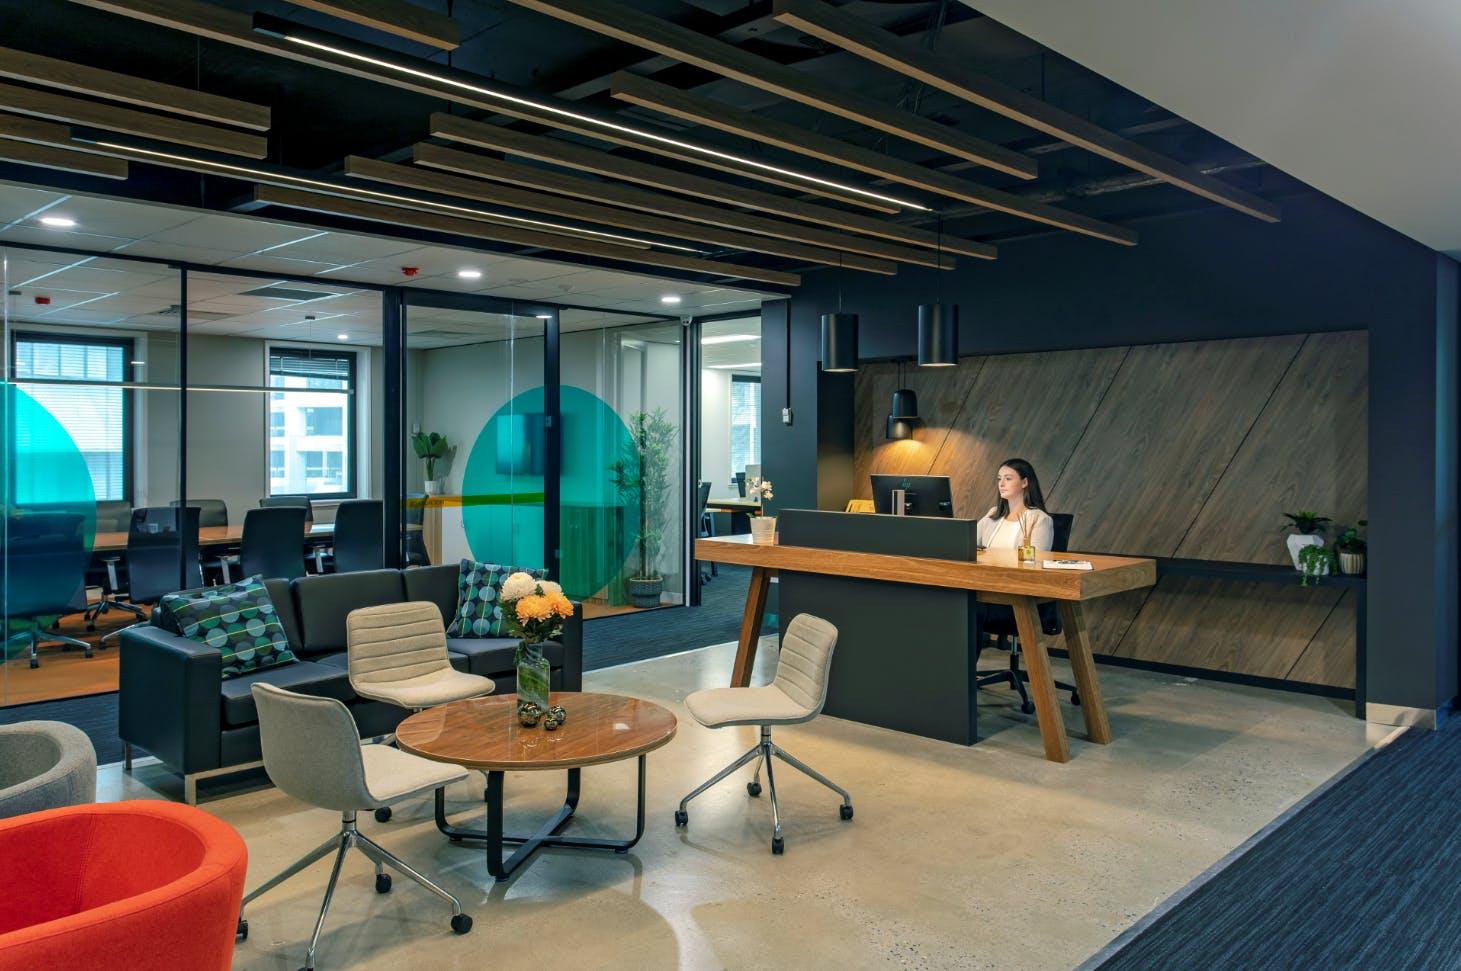 Hot Desk, hot desk at Spot Co-Working, image 7